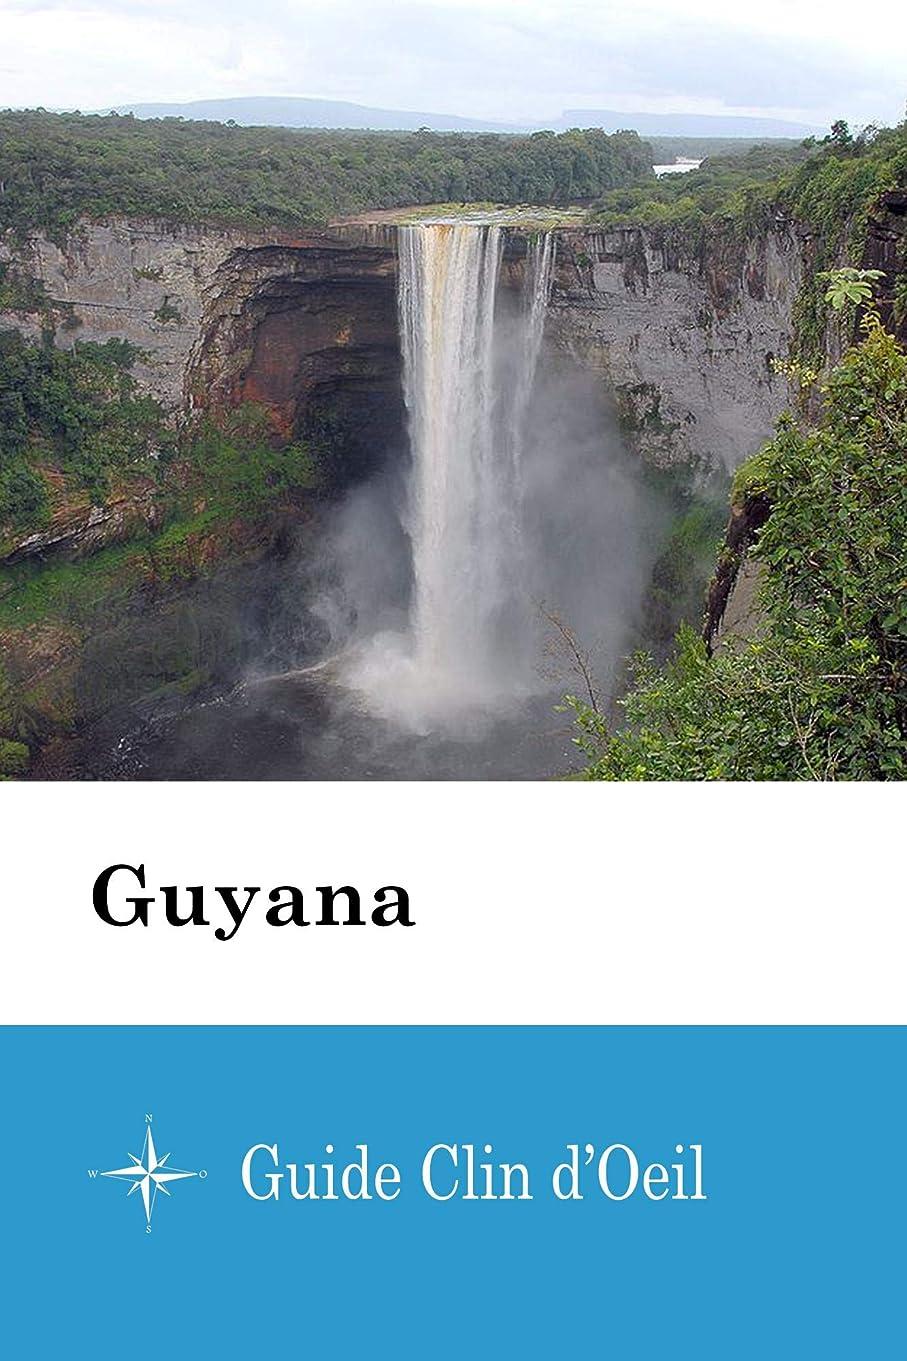 姉妹パノラマ満たすGuyana - Guide Clin d'Oeil (French Edition)